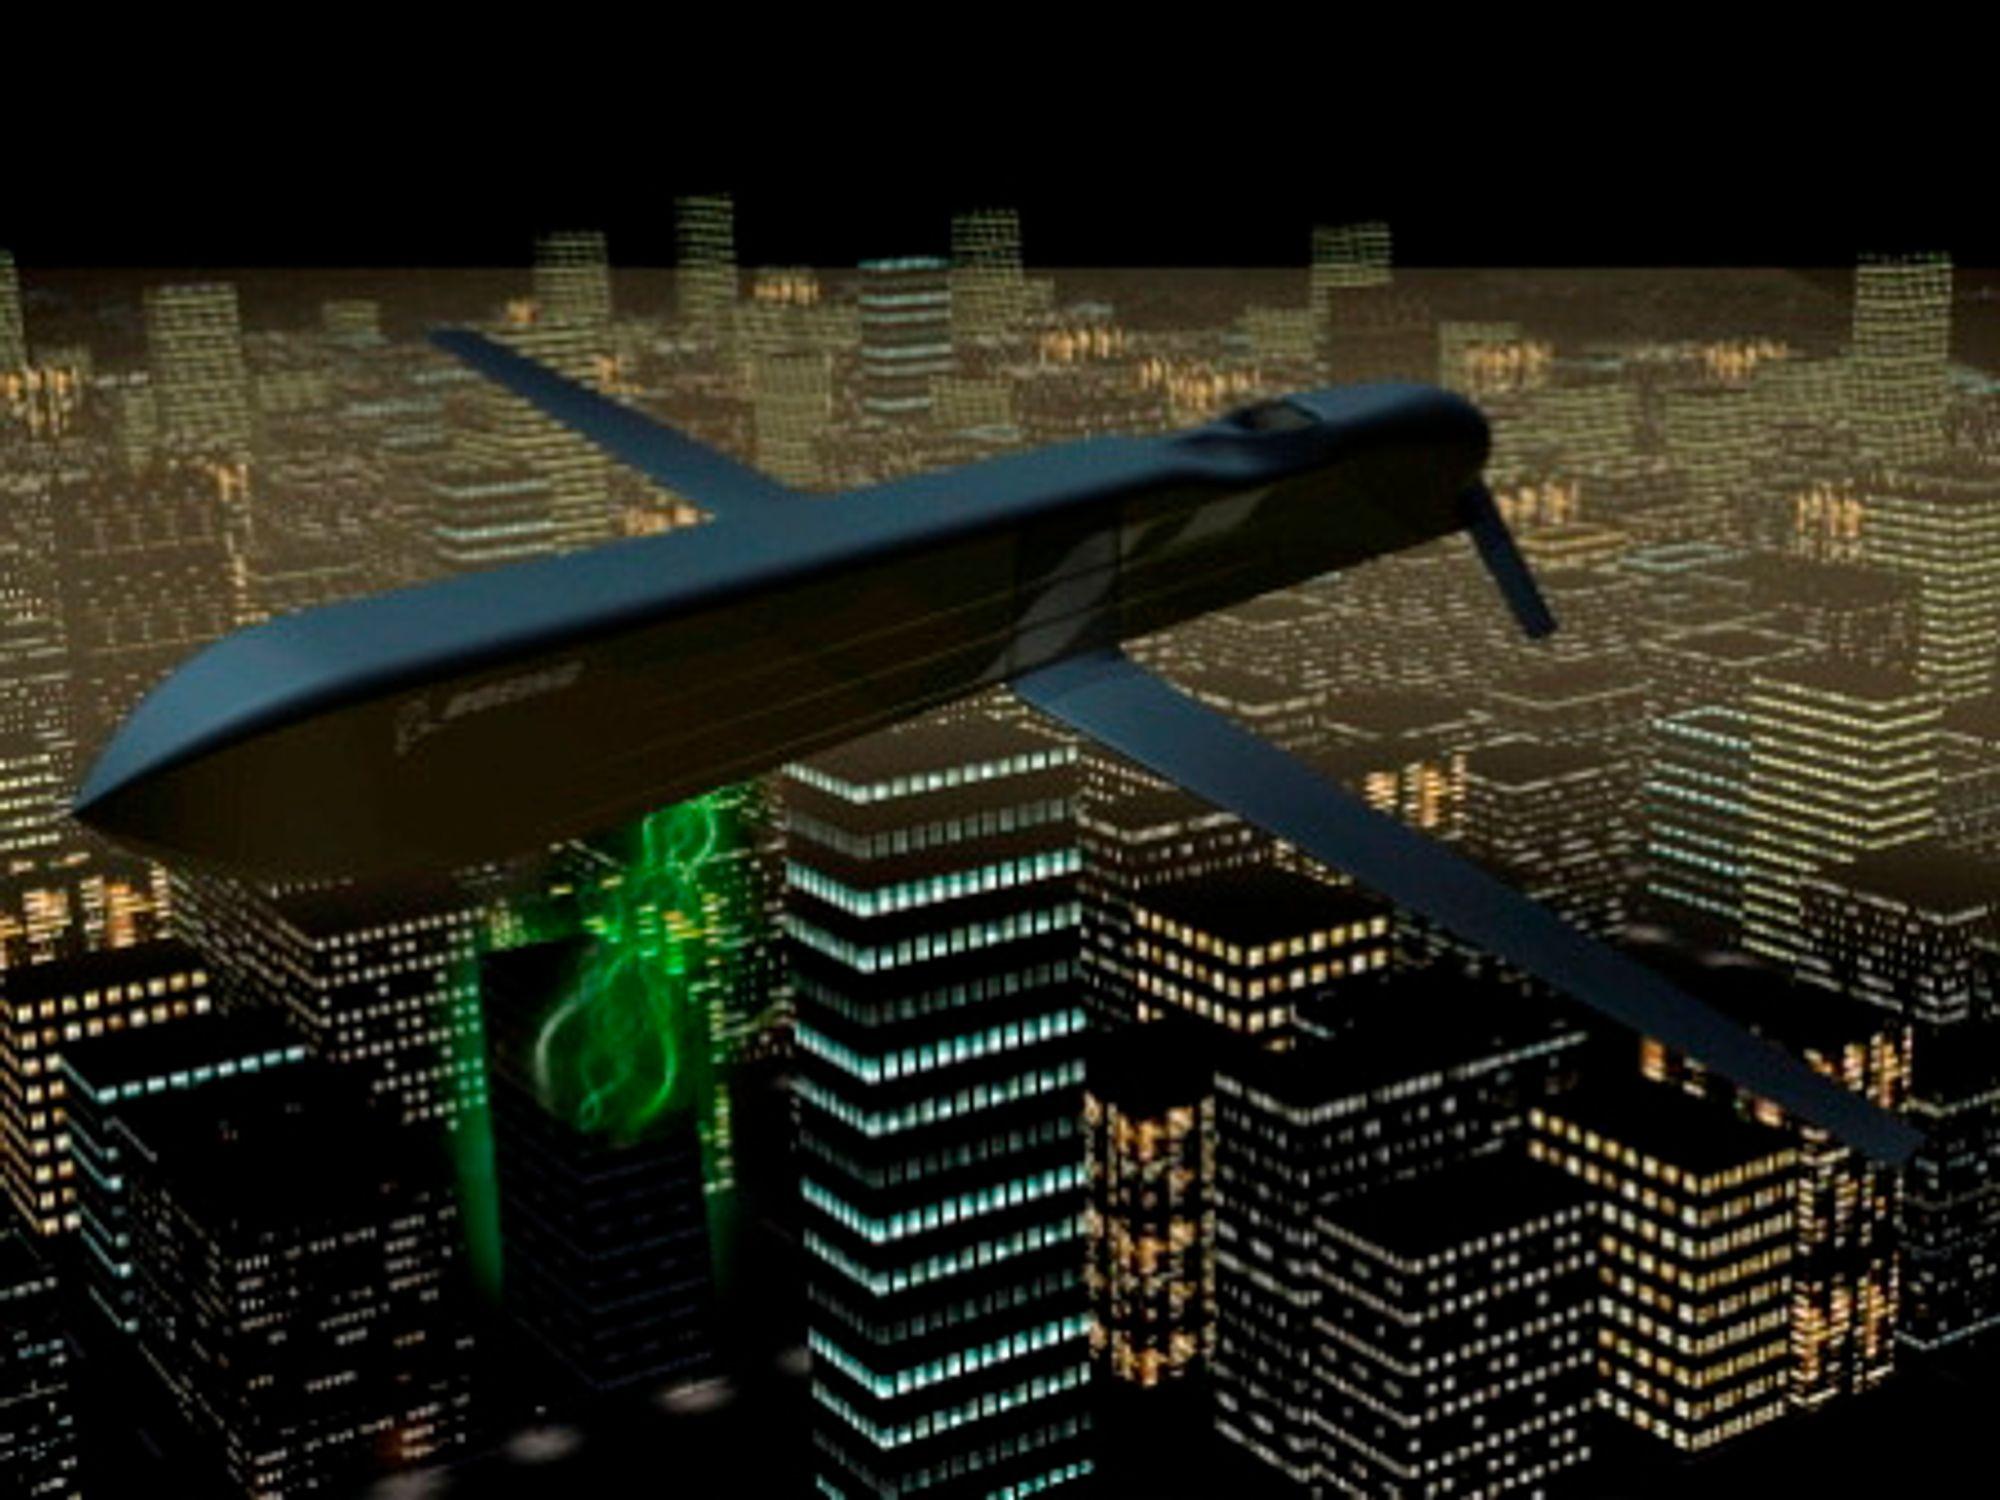 Boeings eksperimentelle CHAMP-missil, kan ifølge produsenten slå ut elektroniske systemer med mikrobølger.